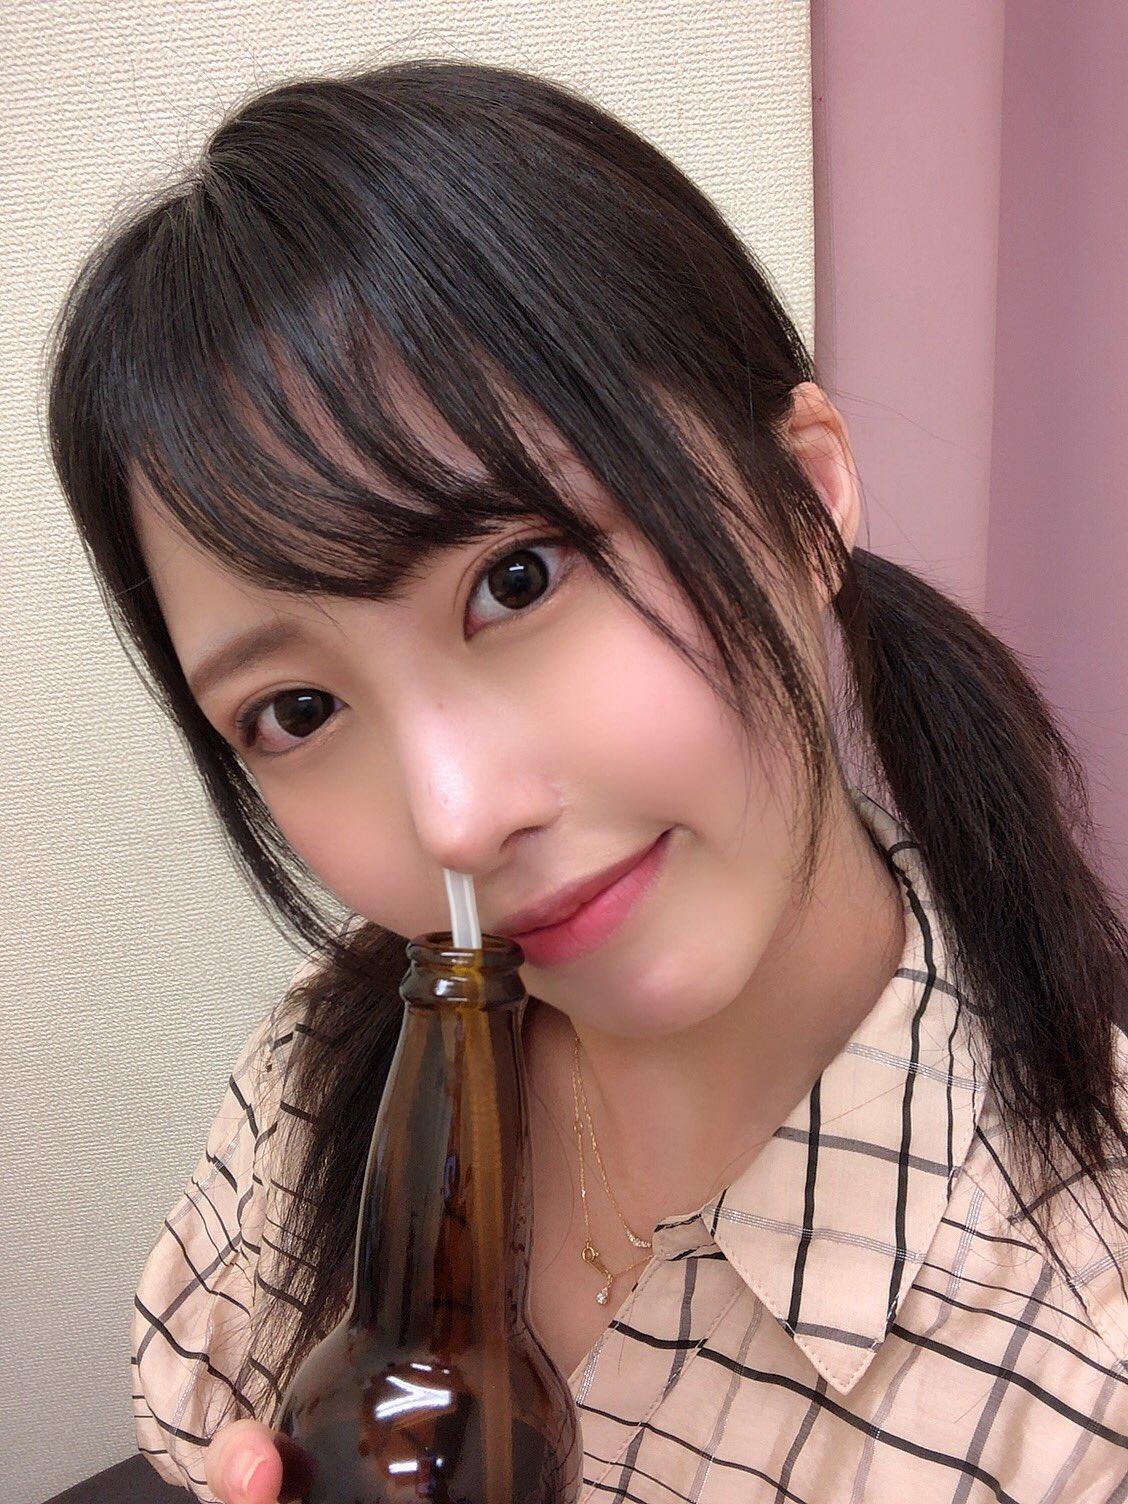 【山口葉瑠エロ画像】美脚が特に輝かしい長身スリム美女・山口葉瑠!